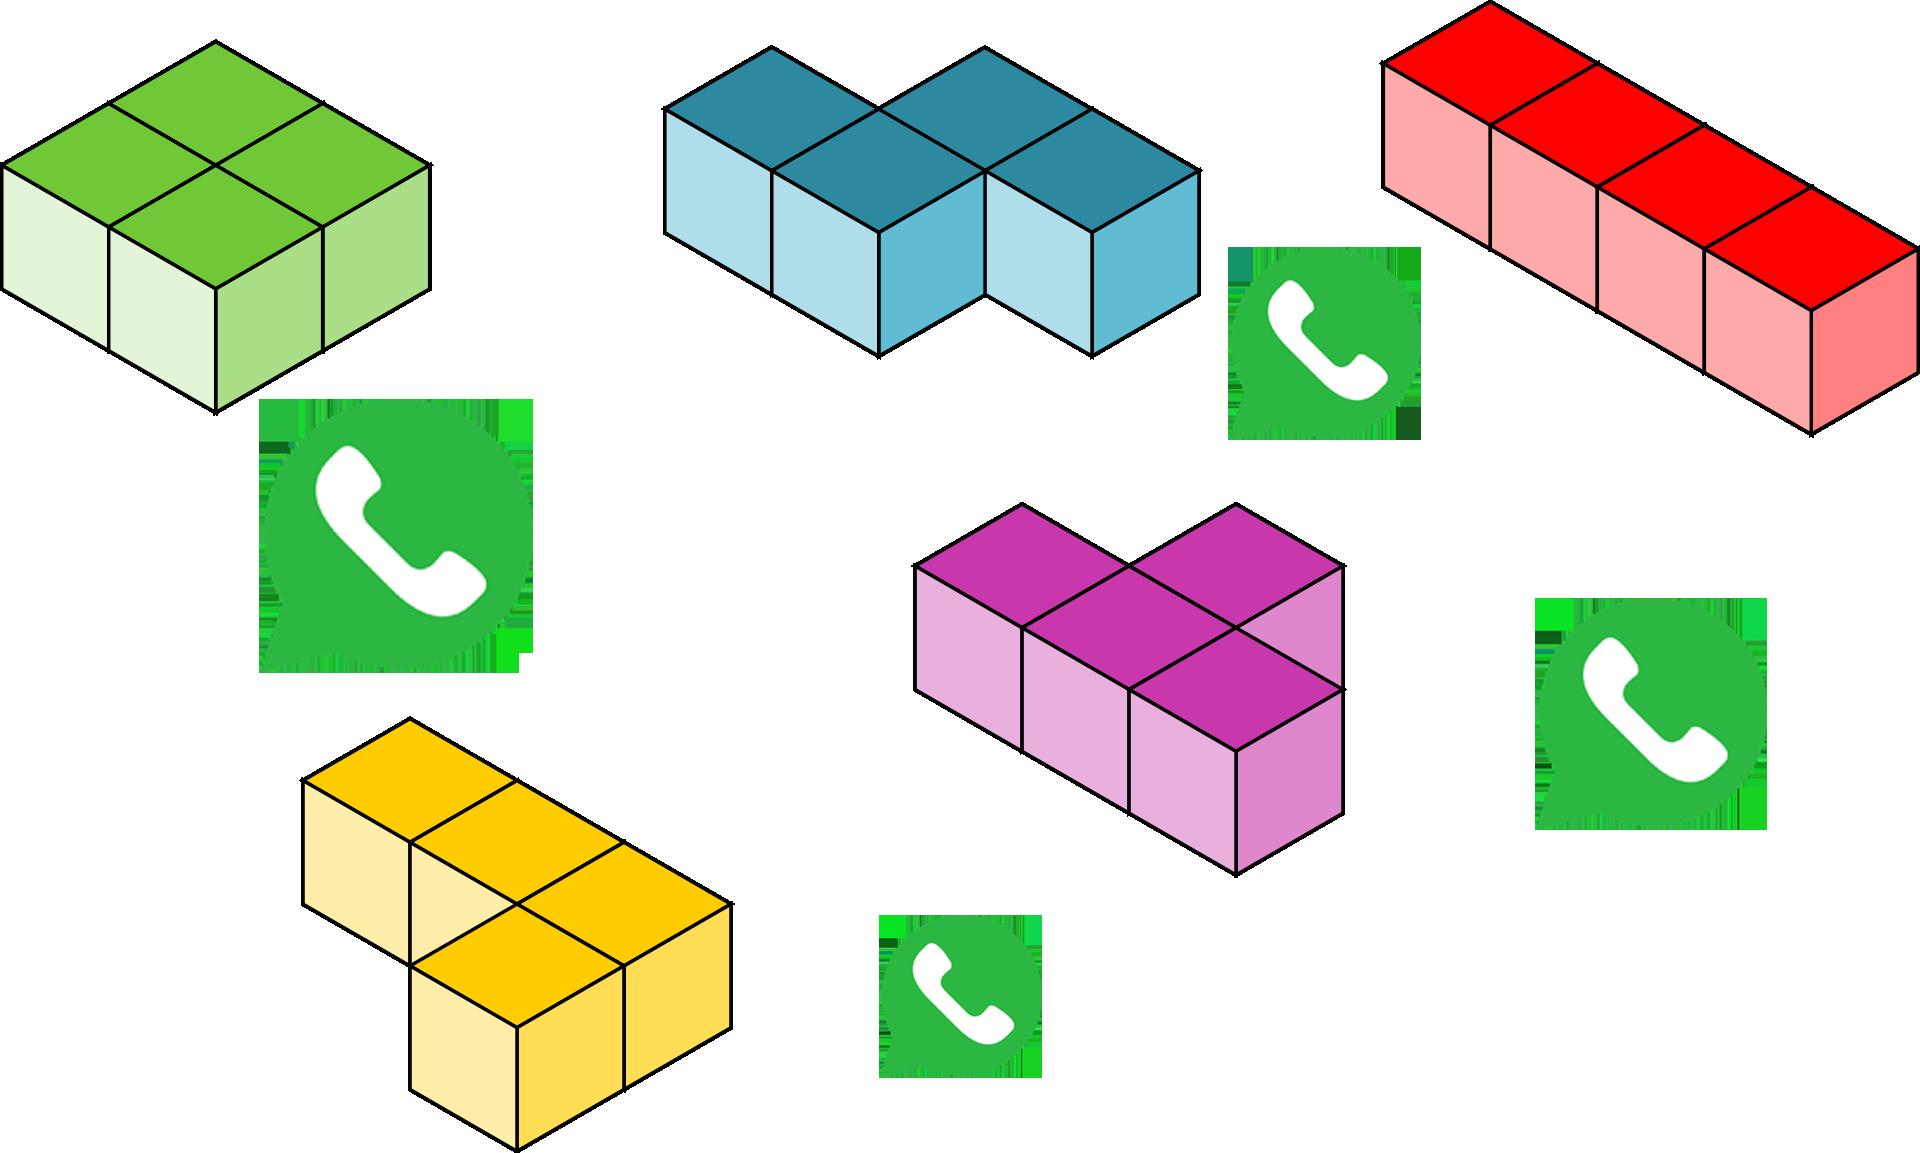 """Изображение для статьи """"Как использовать WhatsApp-ботов для повышения лидогенерации и продаж"""""""